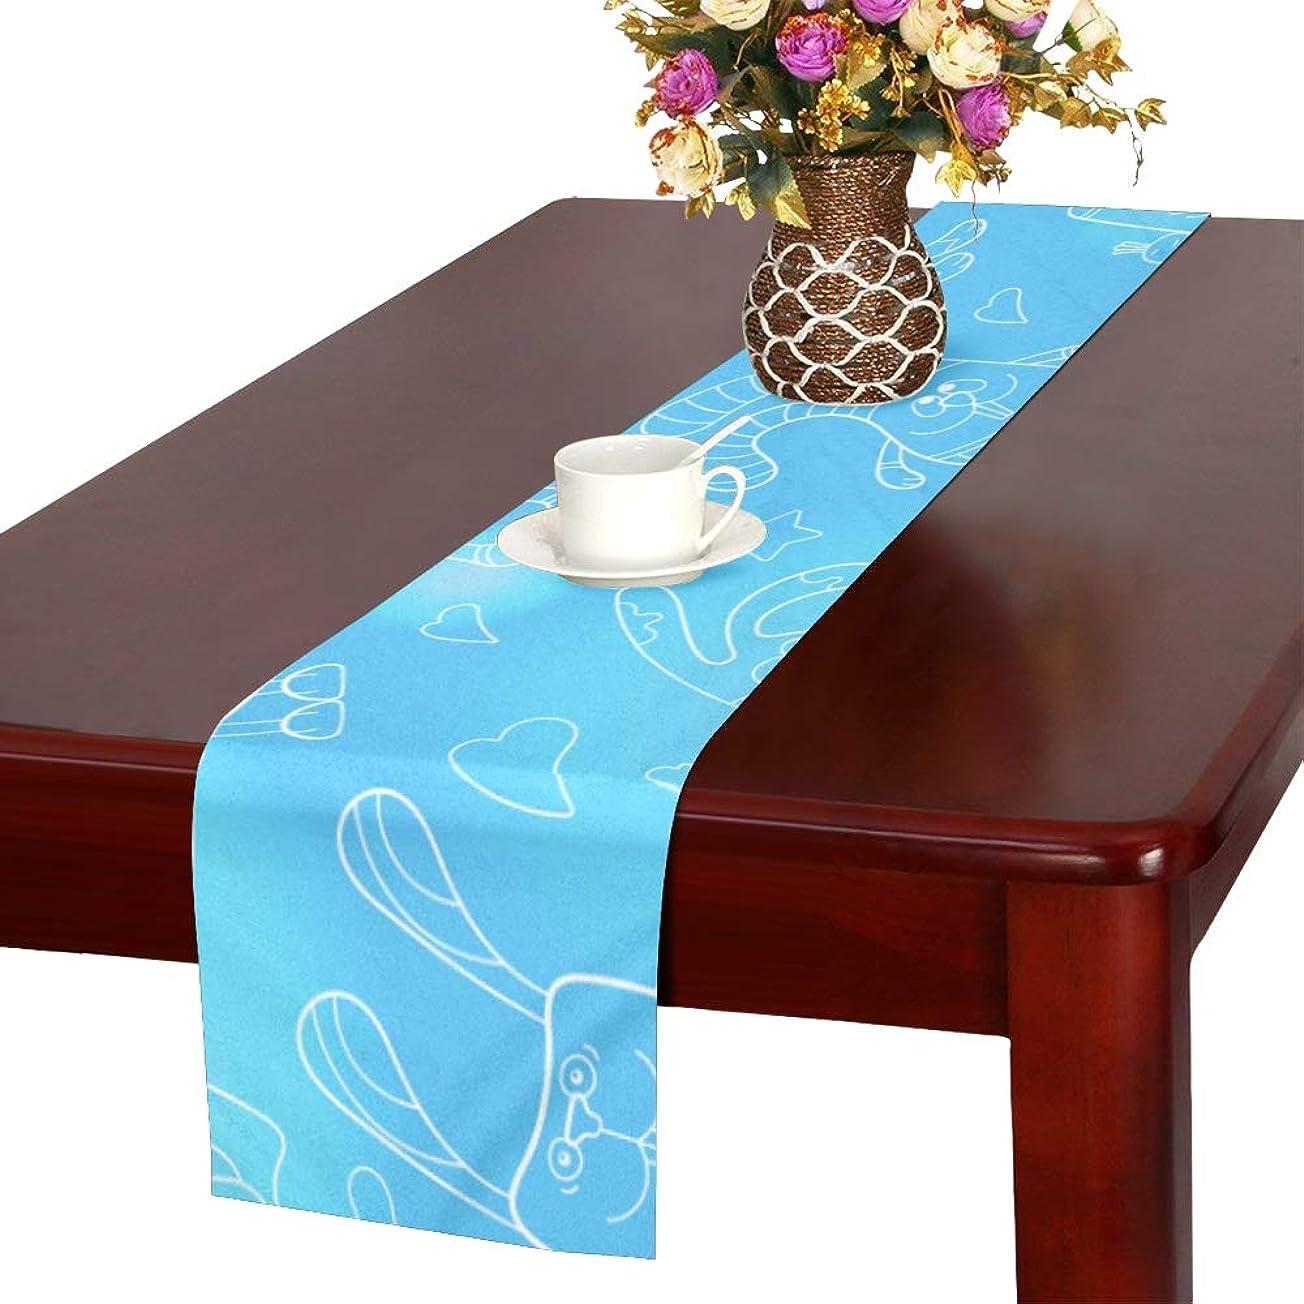 テレマコス配分紳士気取りの、きざなGGSXD テーブルランナー 小柄 ブルーうさぎ クロス 食卓カバー 麻綿製 欧米 おしゃれ 16 Inch X 72 Inch (40cm X 182cm) キッチン ダイニング ホーム デコレーション モダン リビング 洗える